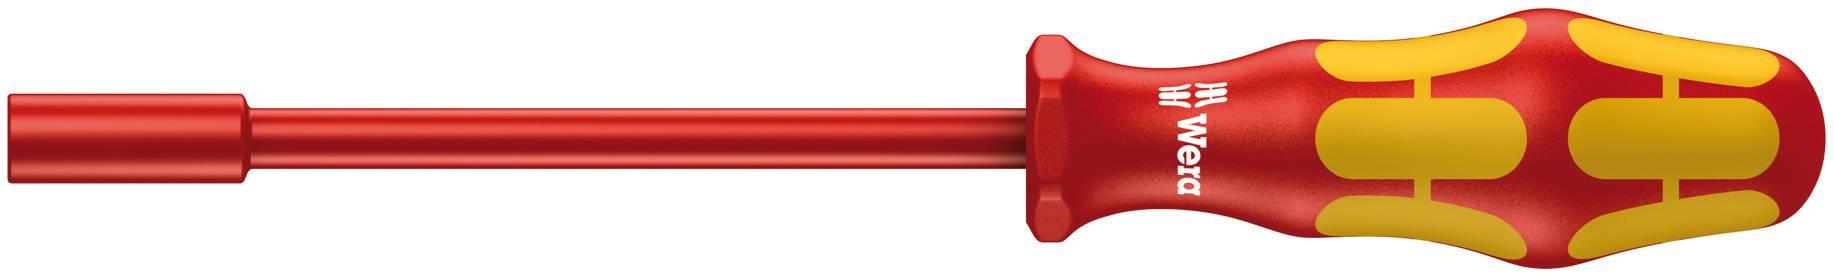 VDE nástrčný kľúč vonkajší šesťhran Wera 190 i 05005320001, čepel 125 mm, klíč 9 mm, nástrojová oceľ